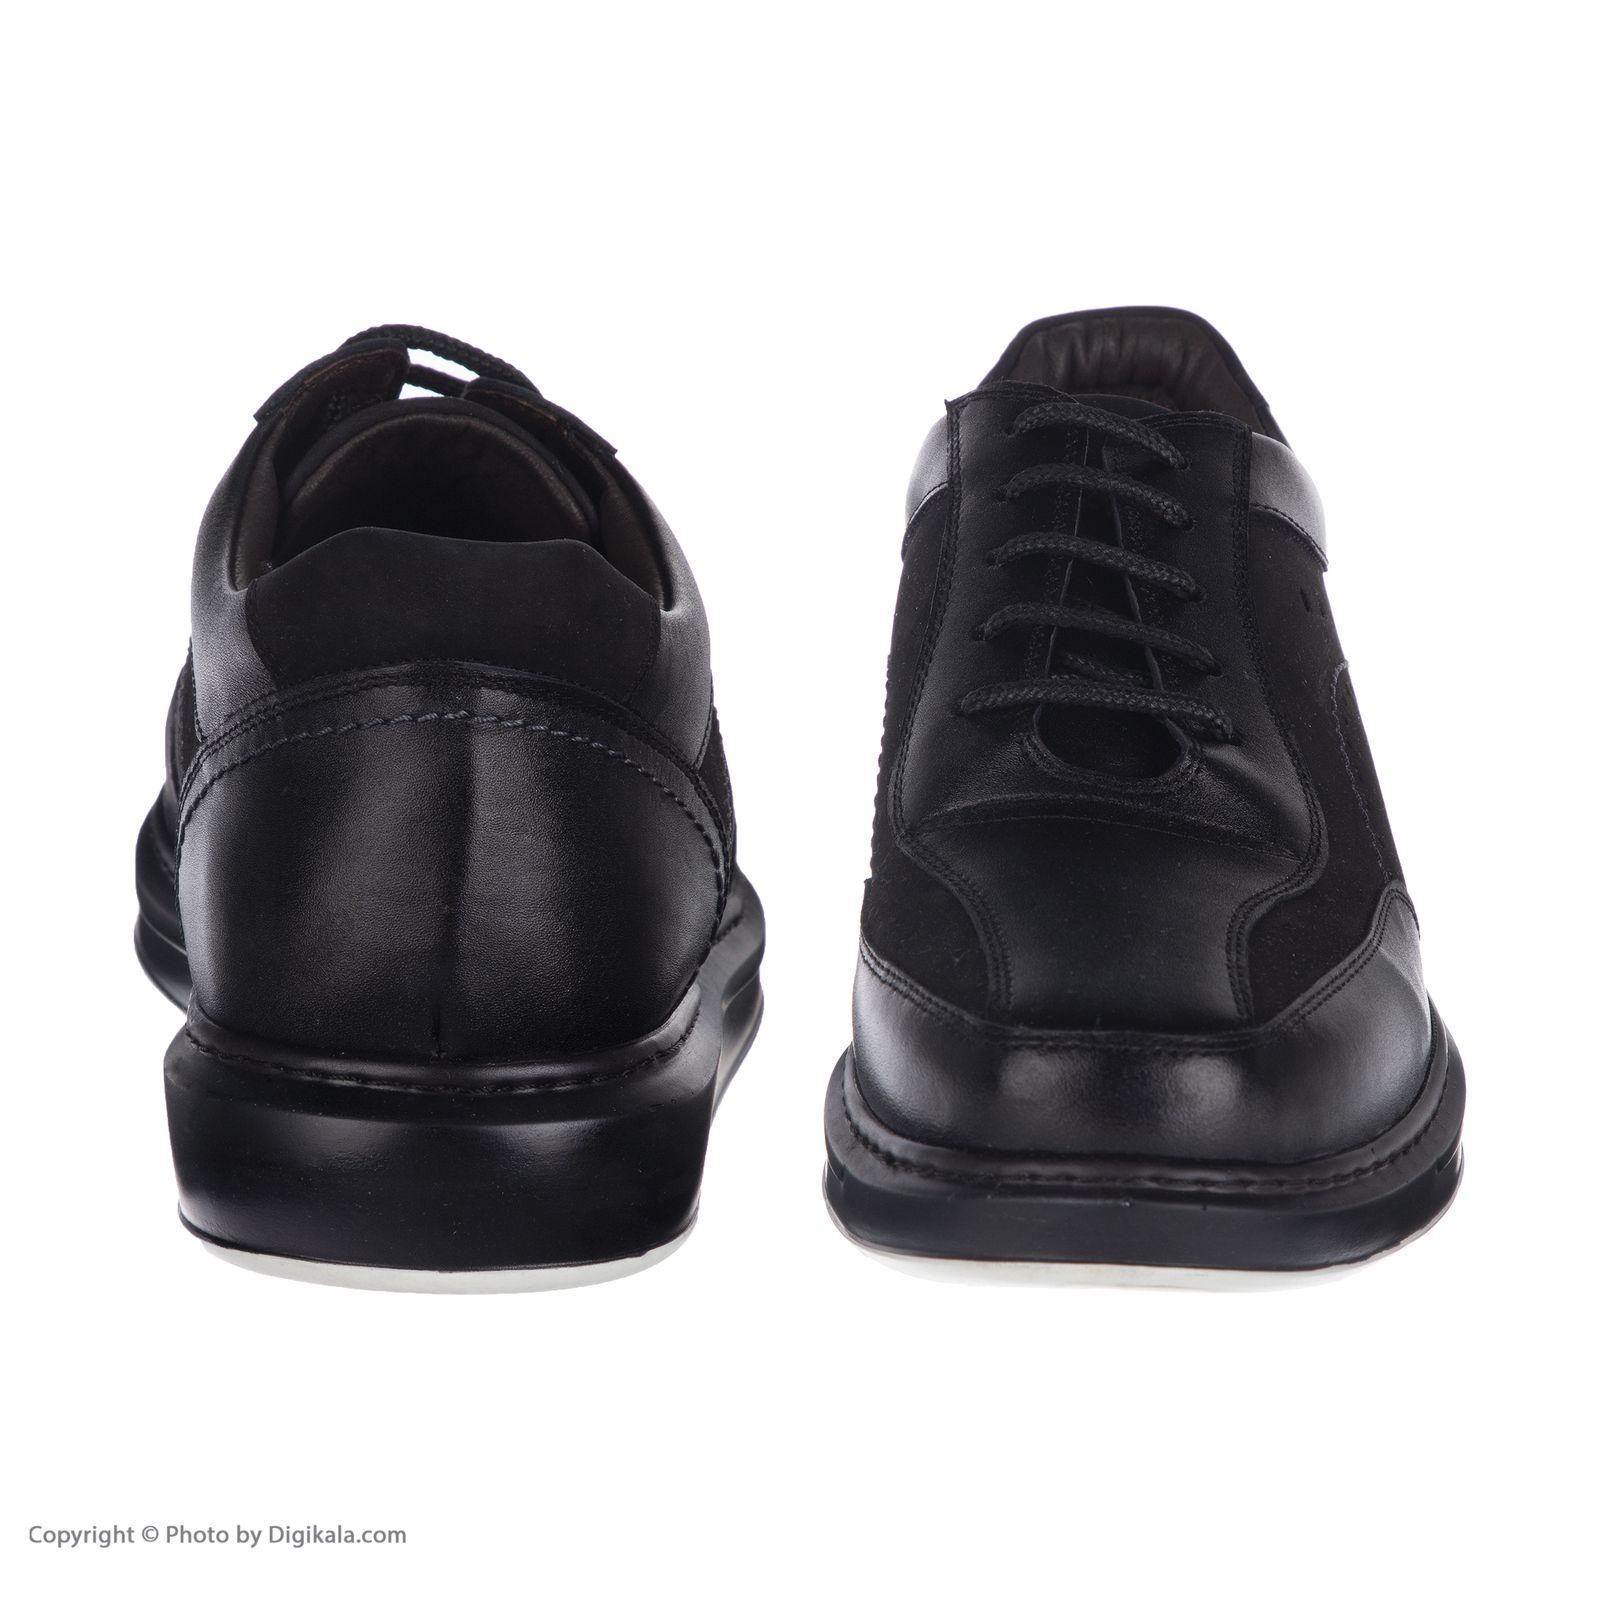 کفش روزمره مردانه دانادل مدل 8602A503101 -  - 3